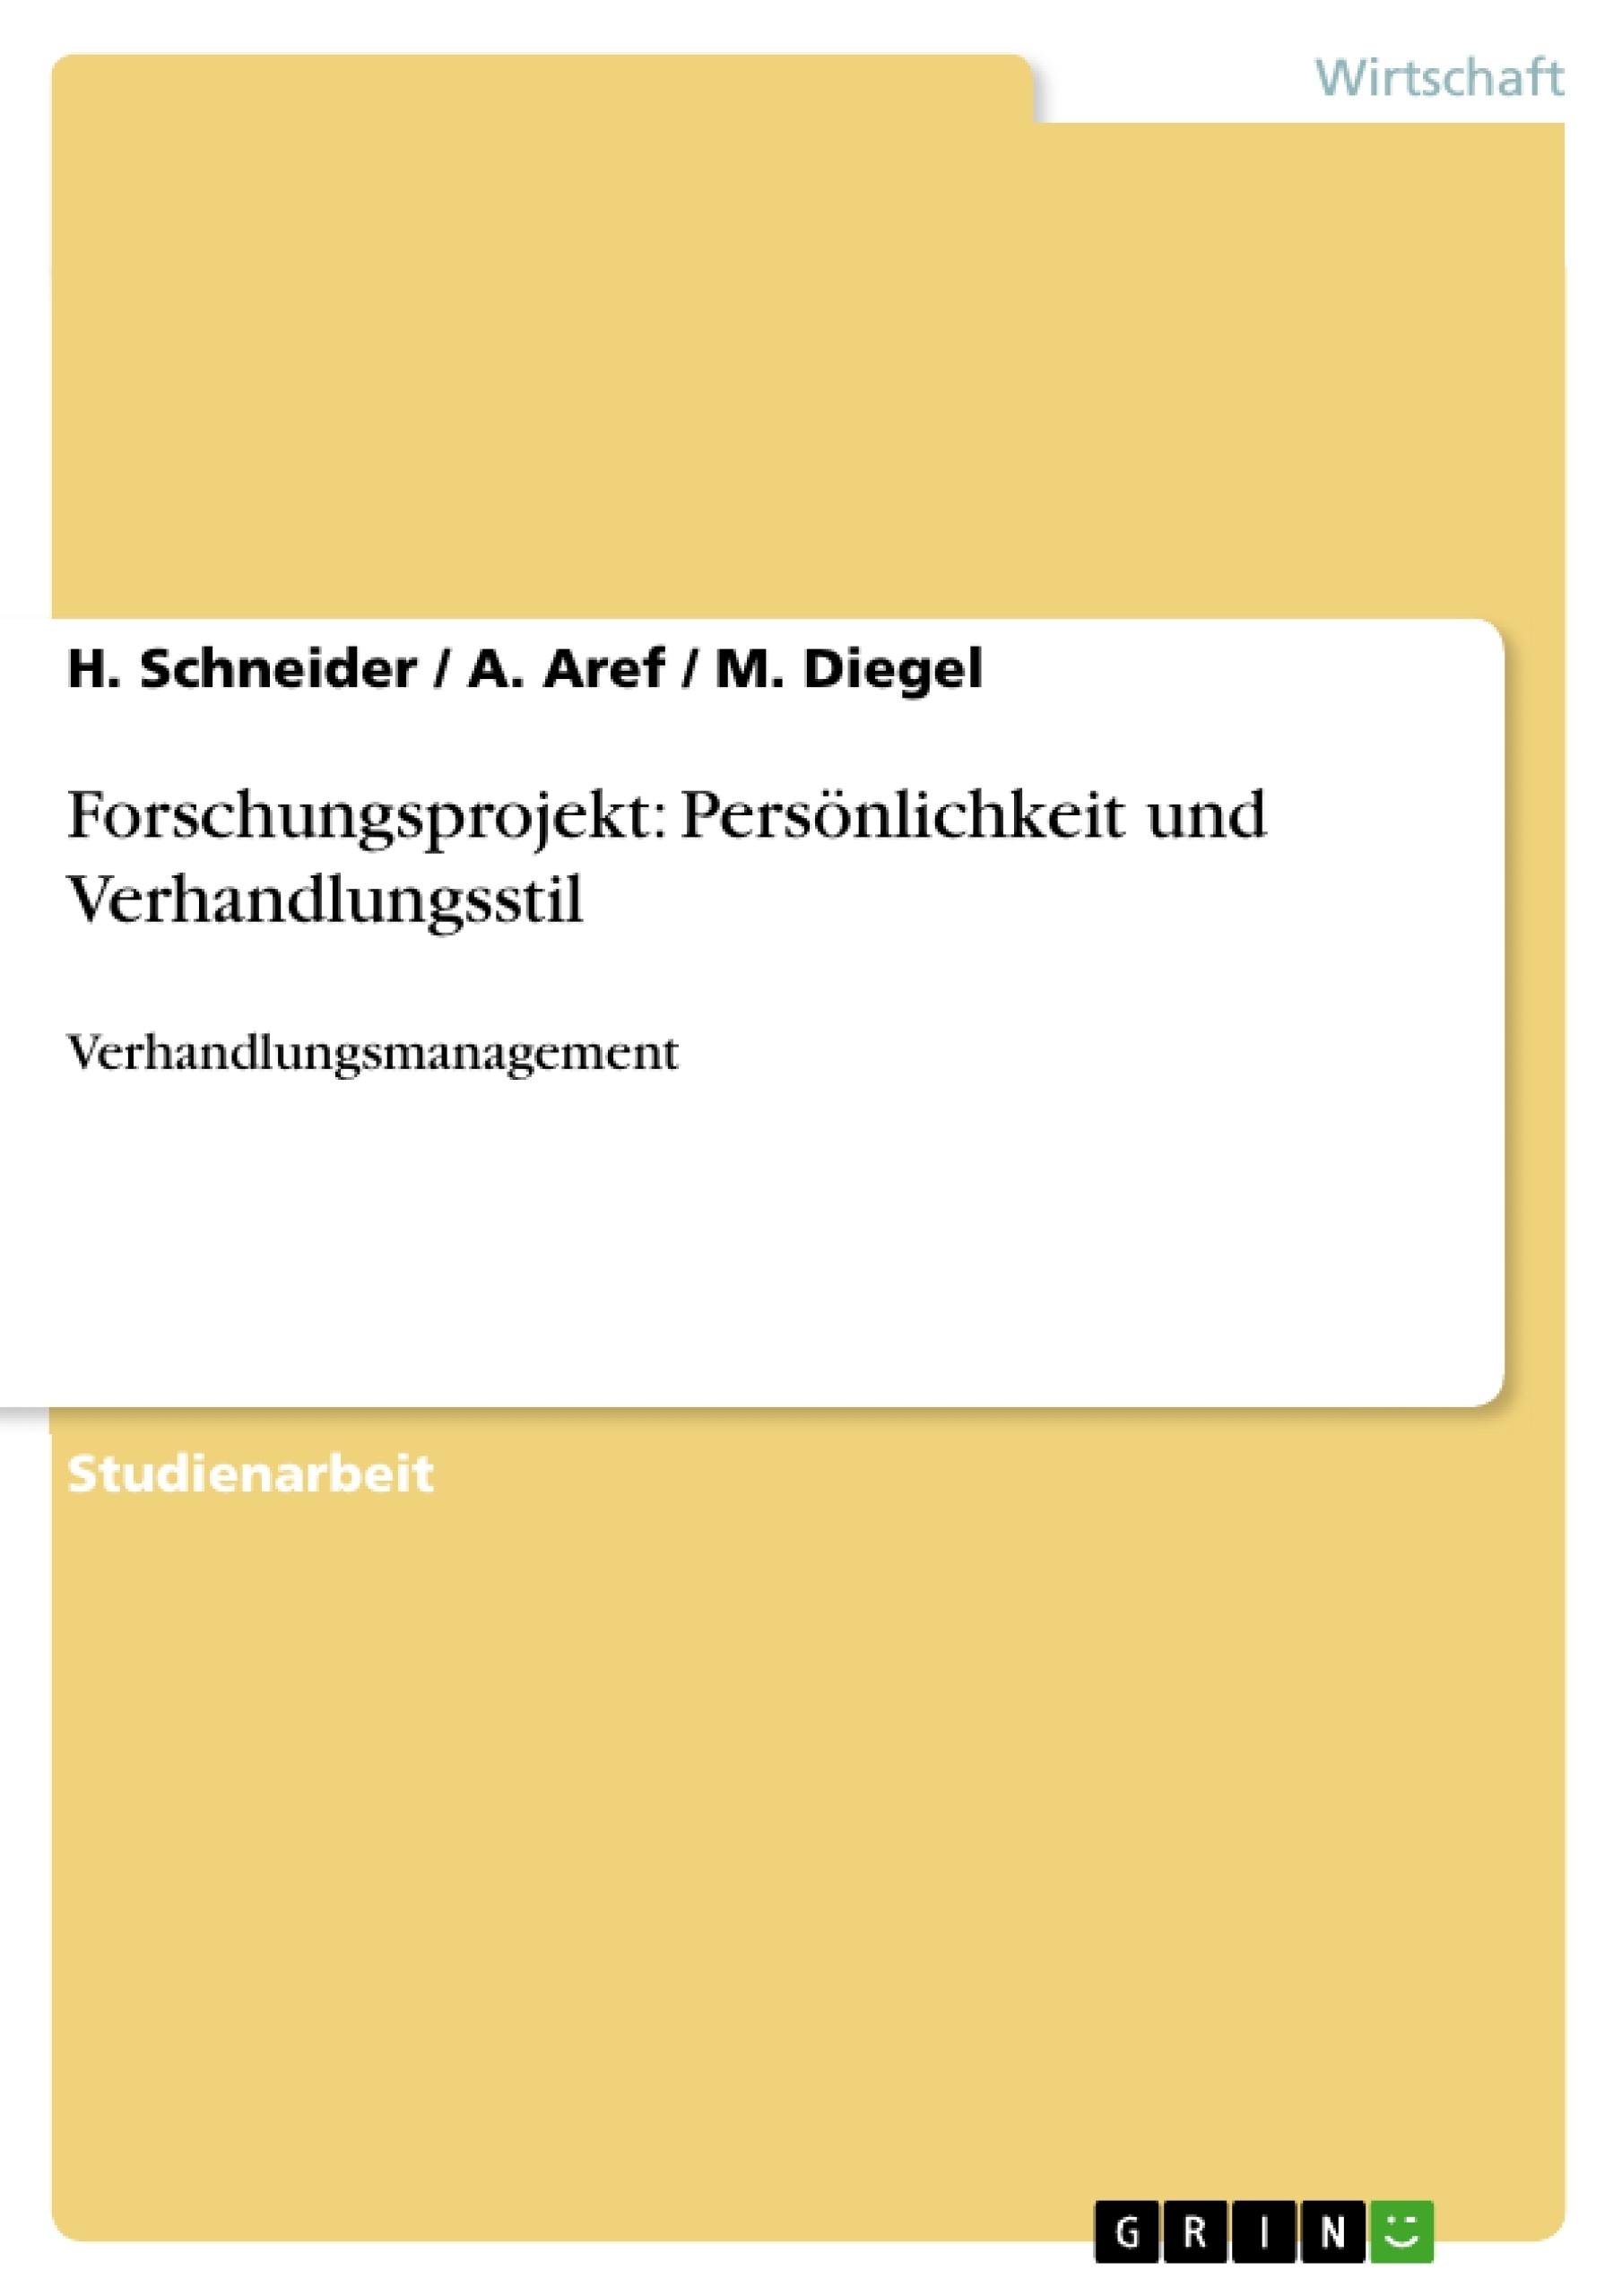 Titel: Forschungsprojekt: Persönlichkeit und Verhandlungsstil